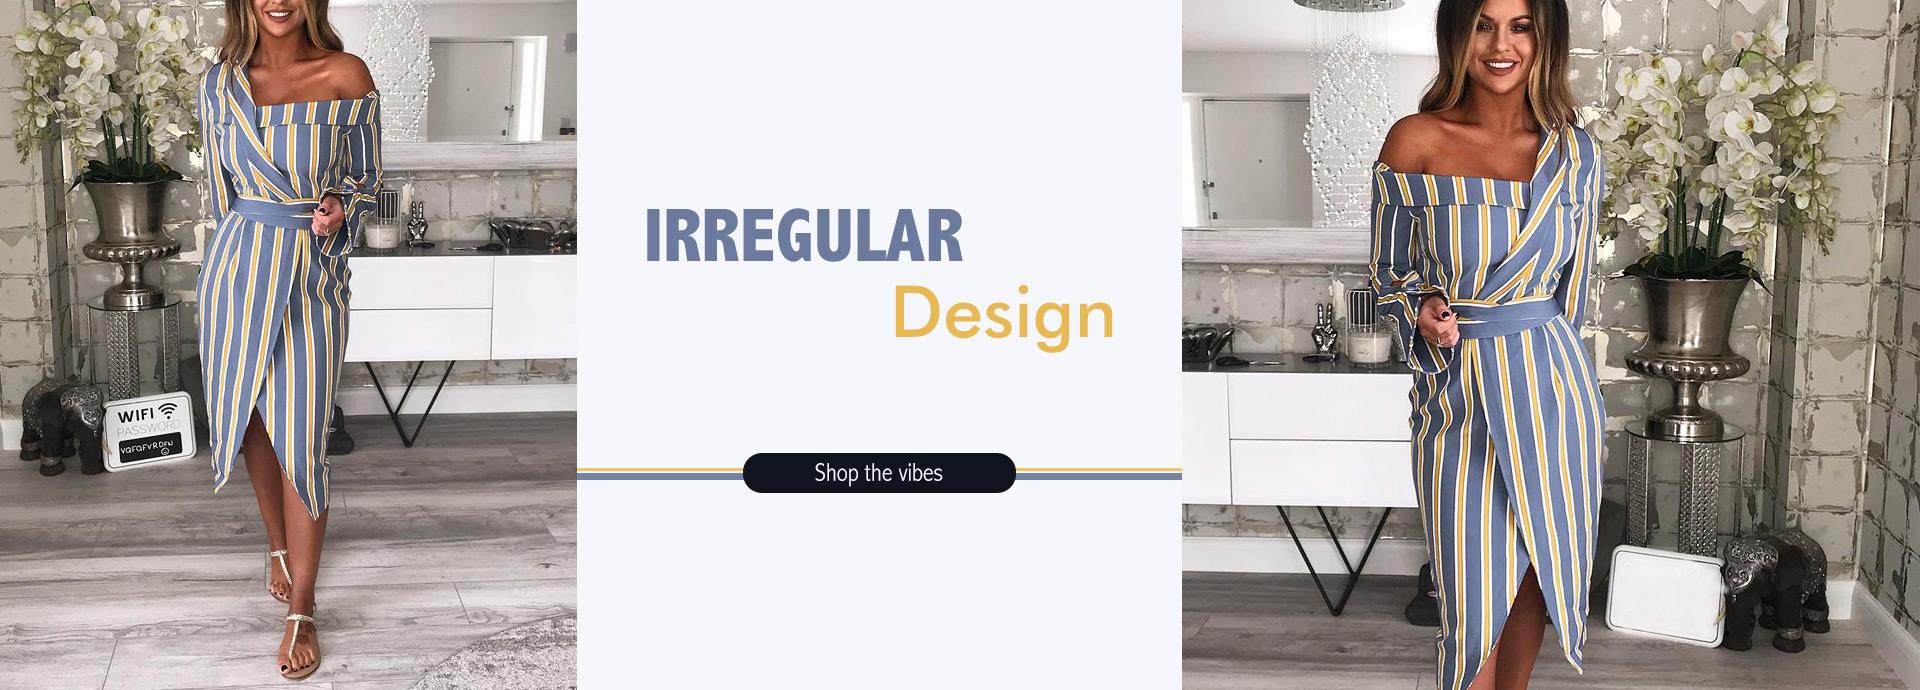 Irregular Design